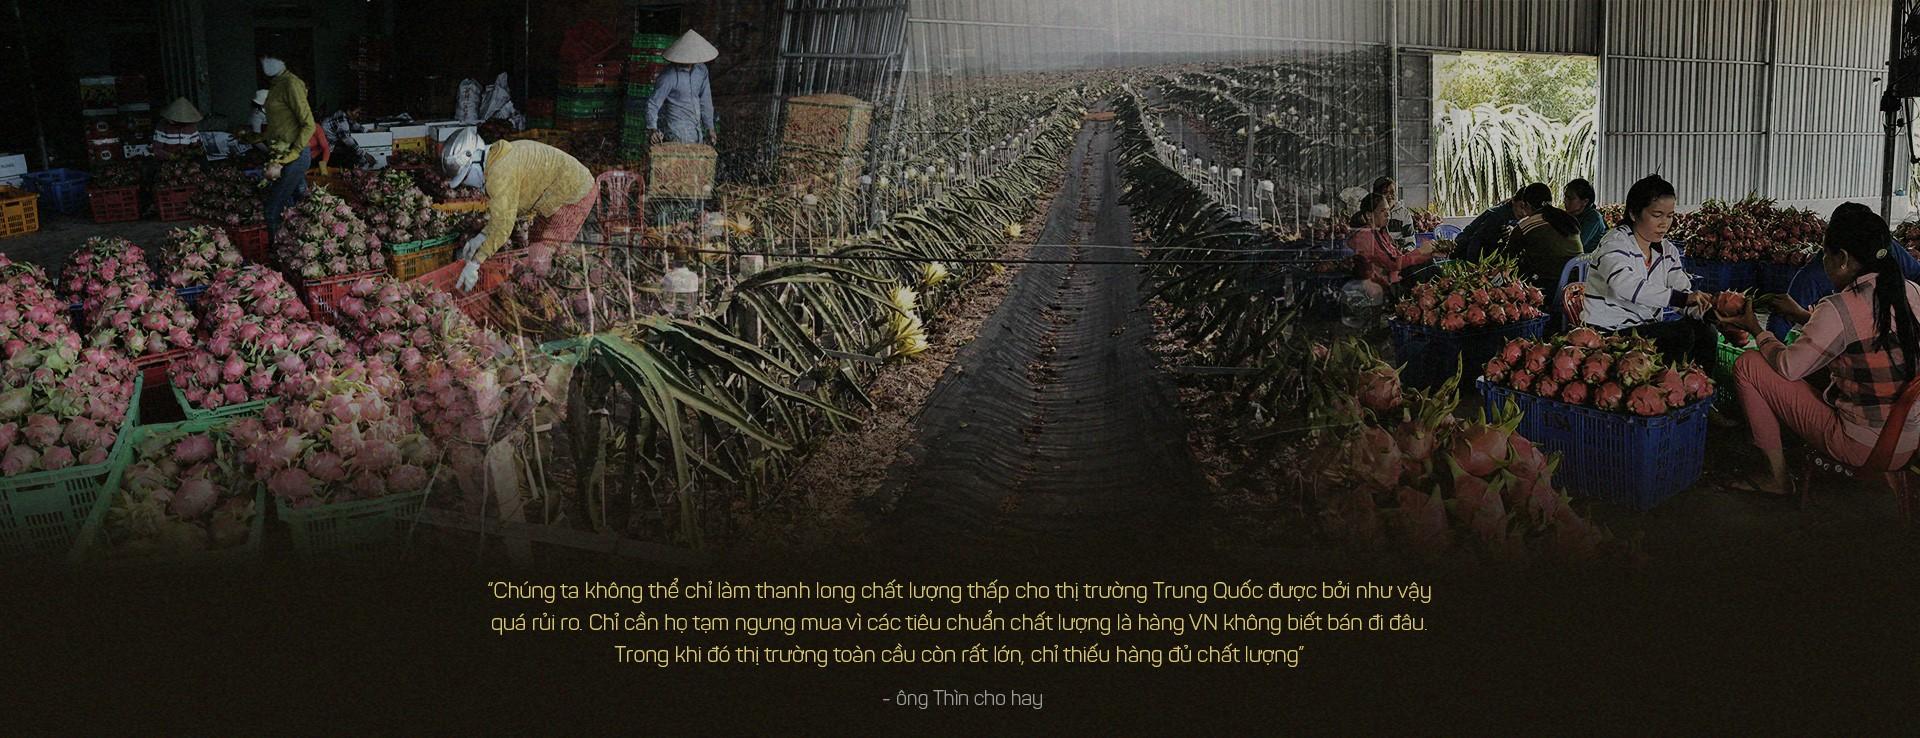 Trung Quốc ồ ạt trồng thanh long cạnh tranh với Việt Nam - Ảnh 10.